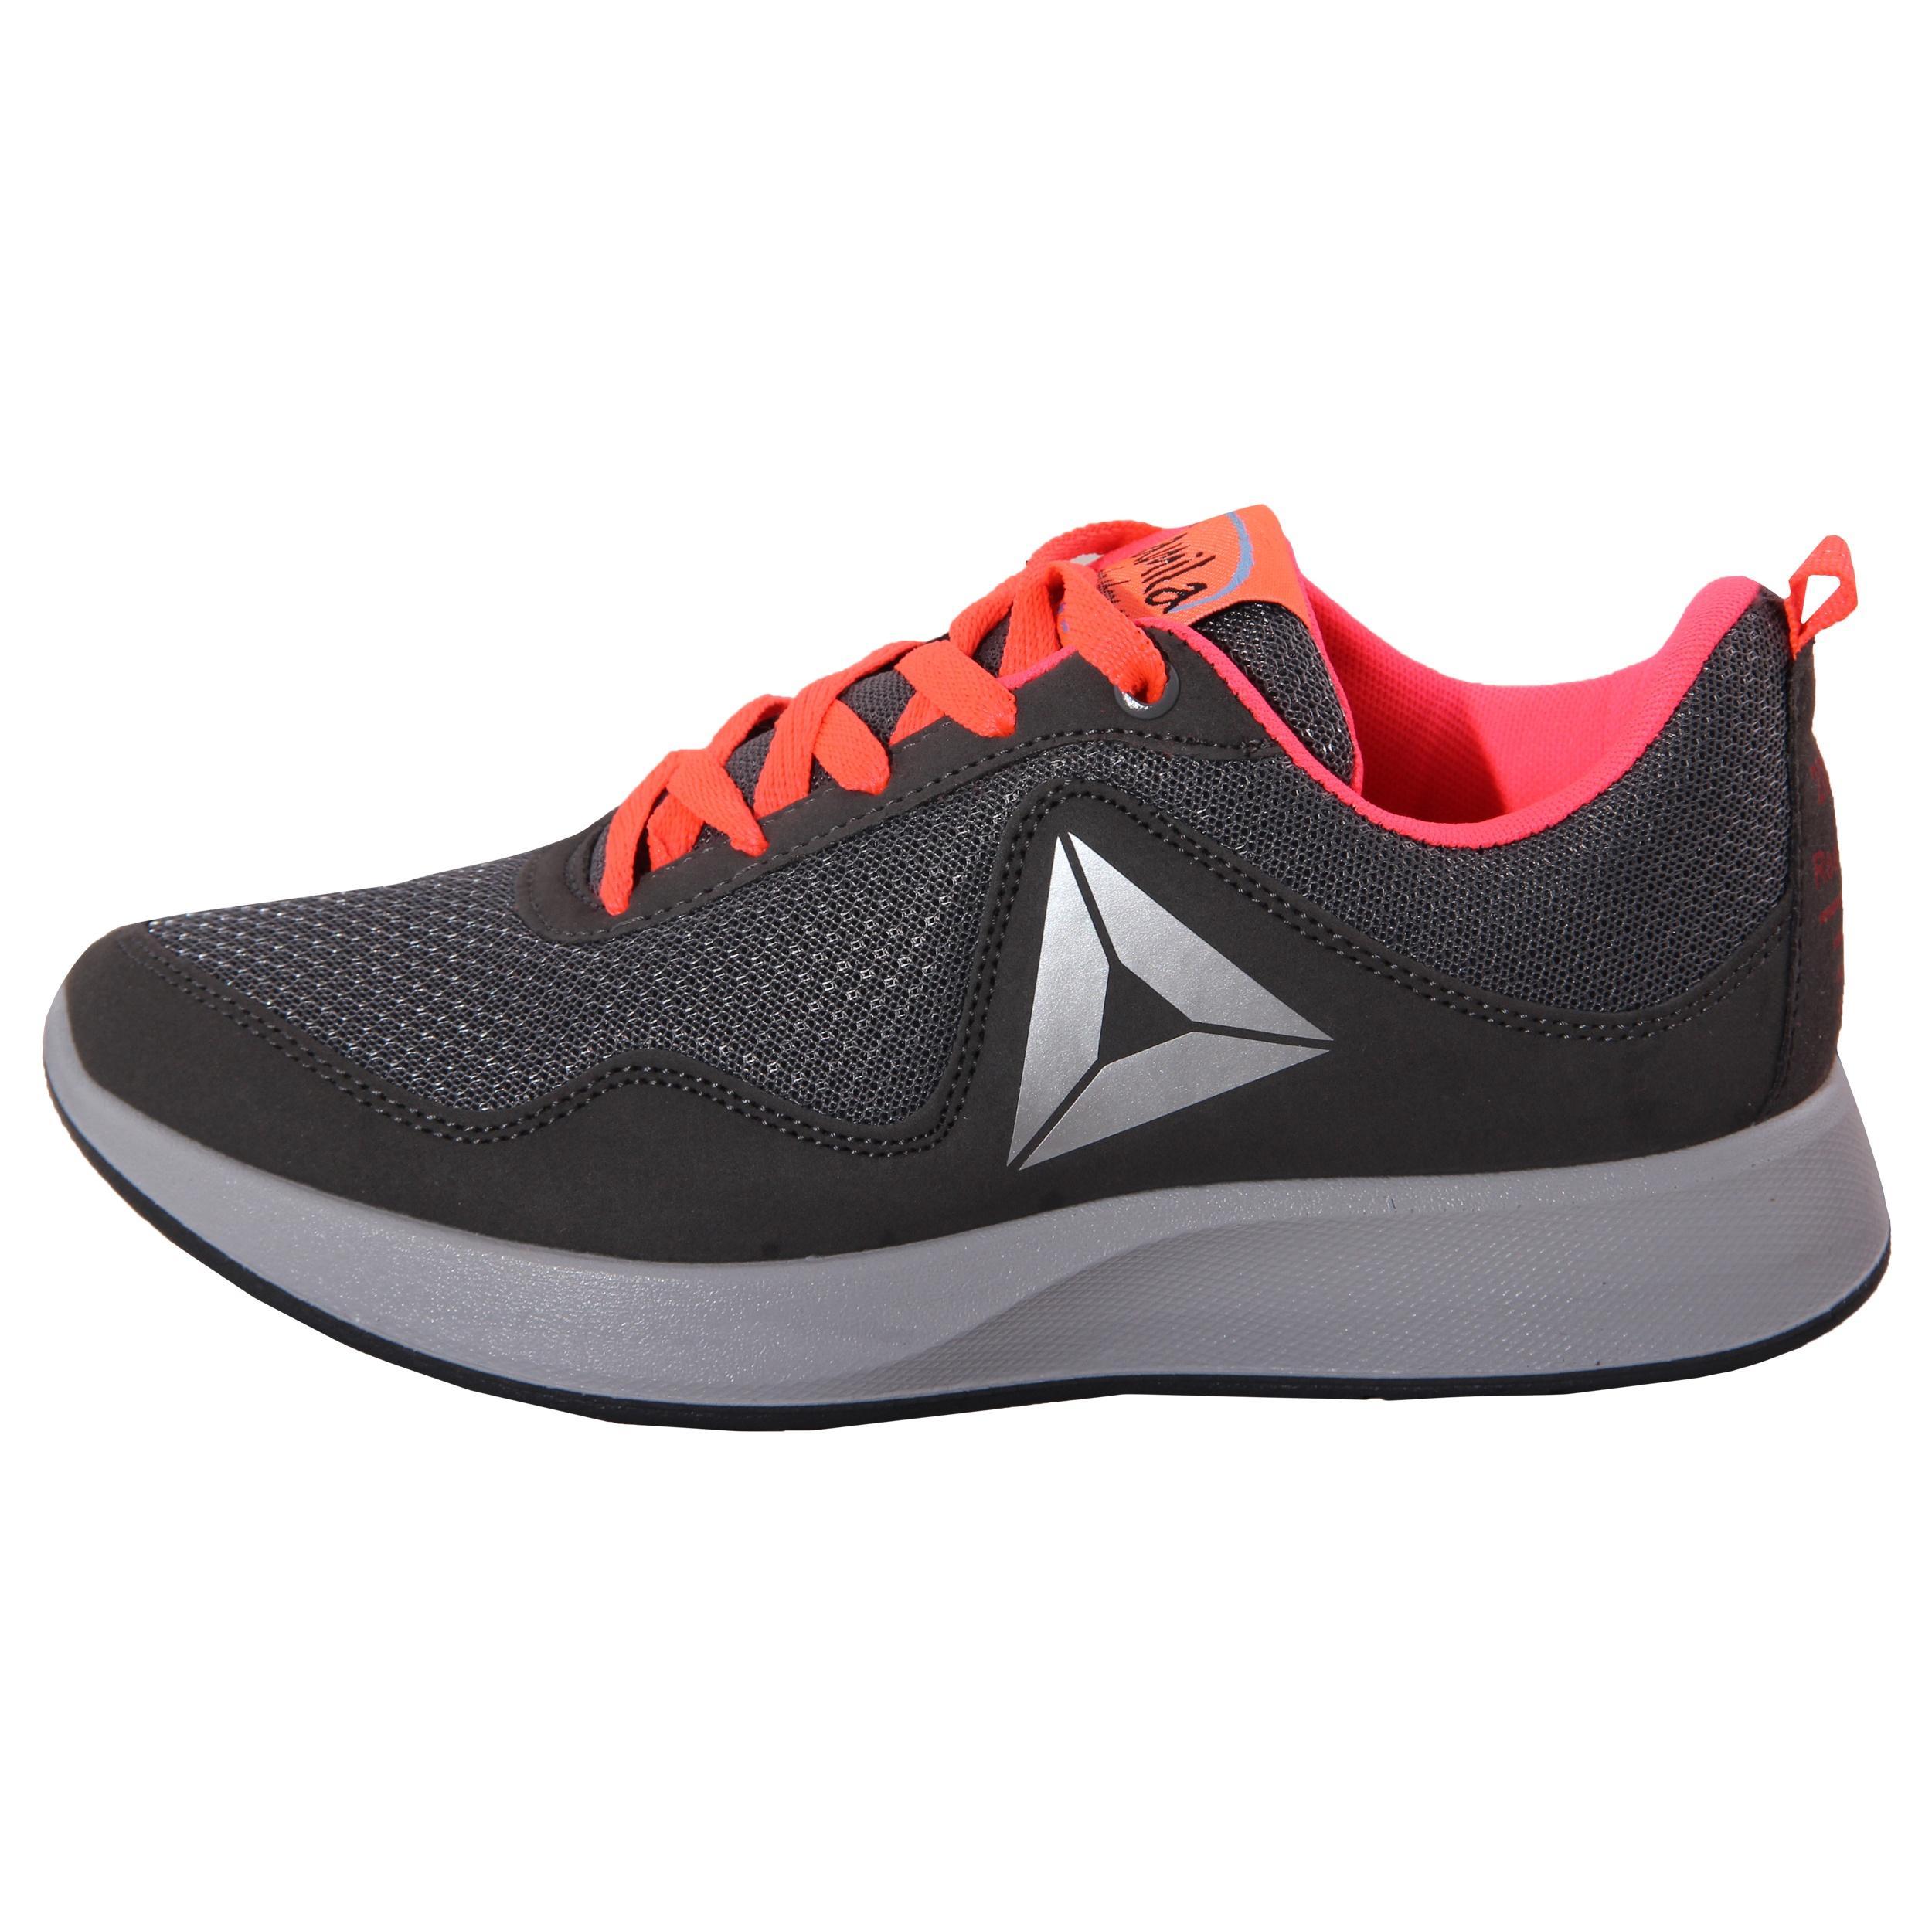 کفش مخصوص پیاده روی زنانه کد 21-39848